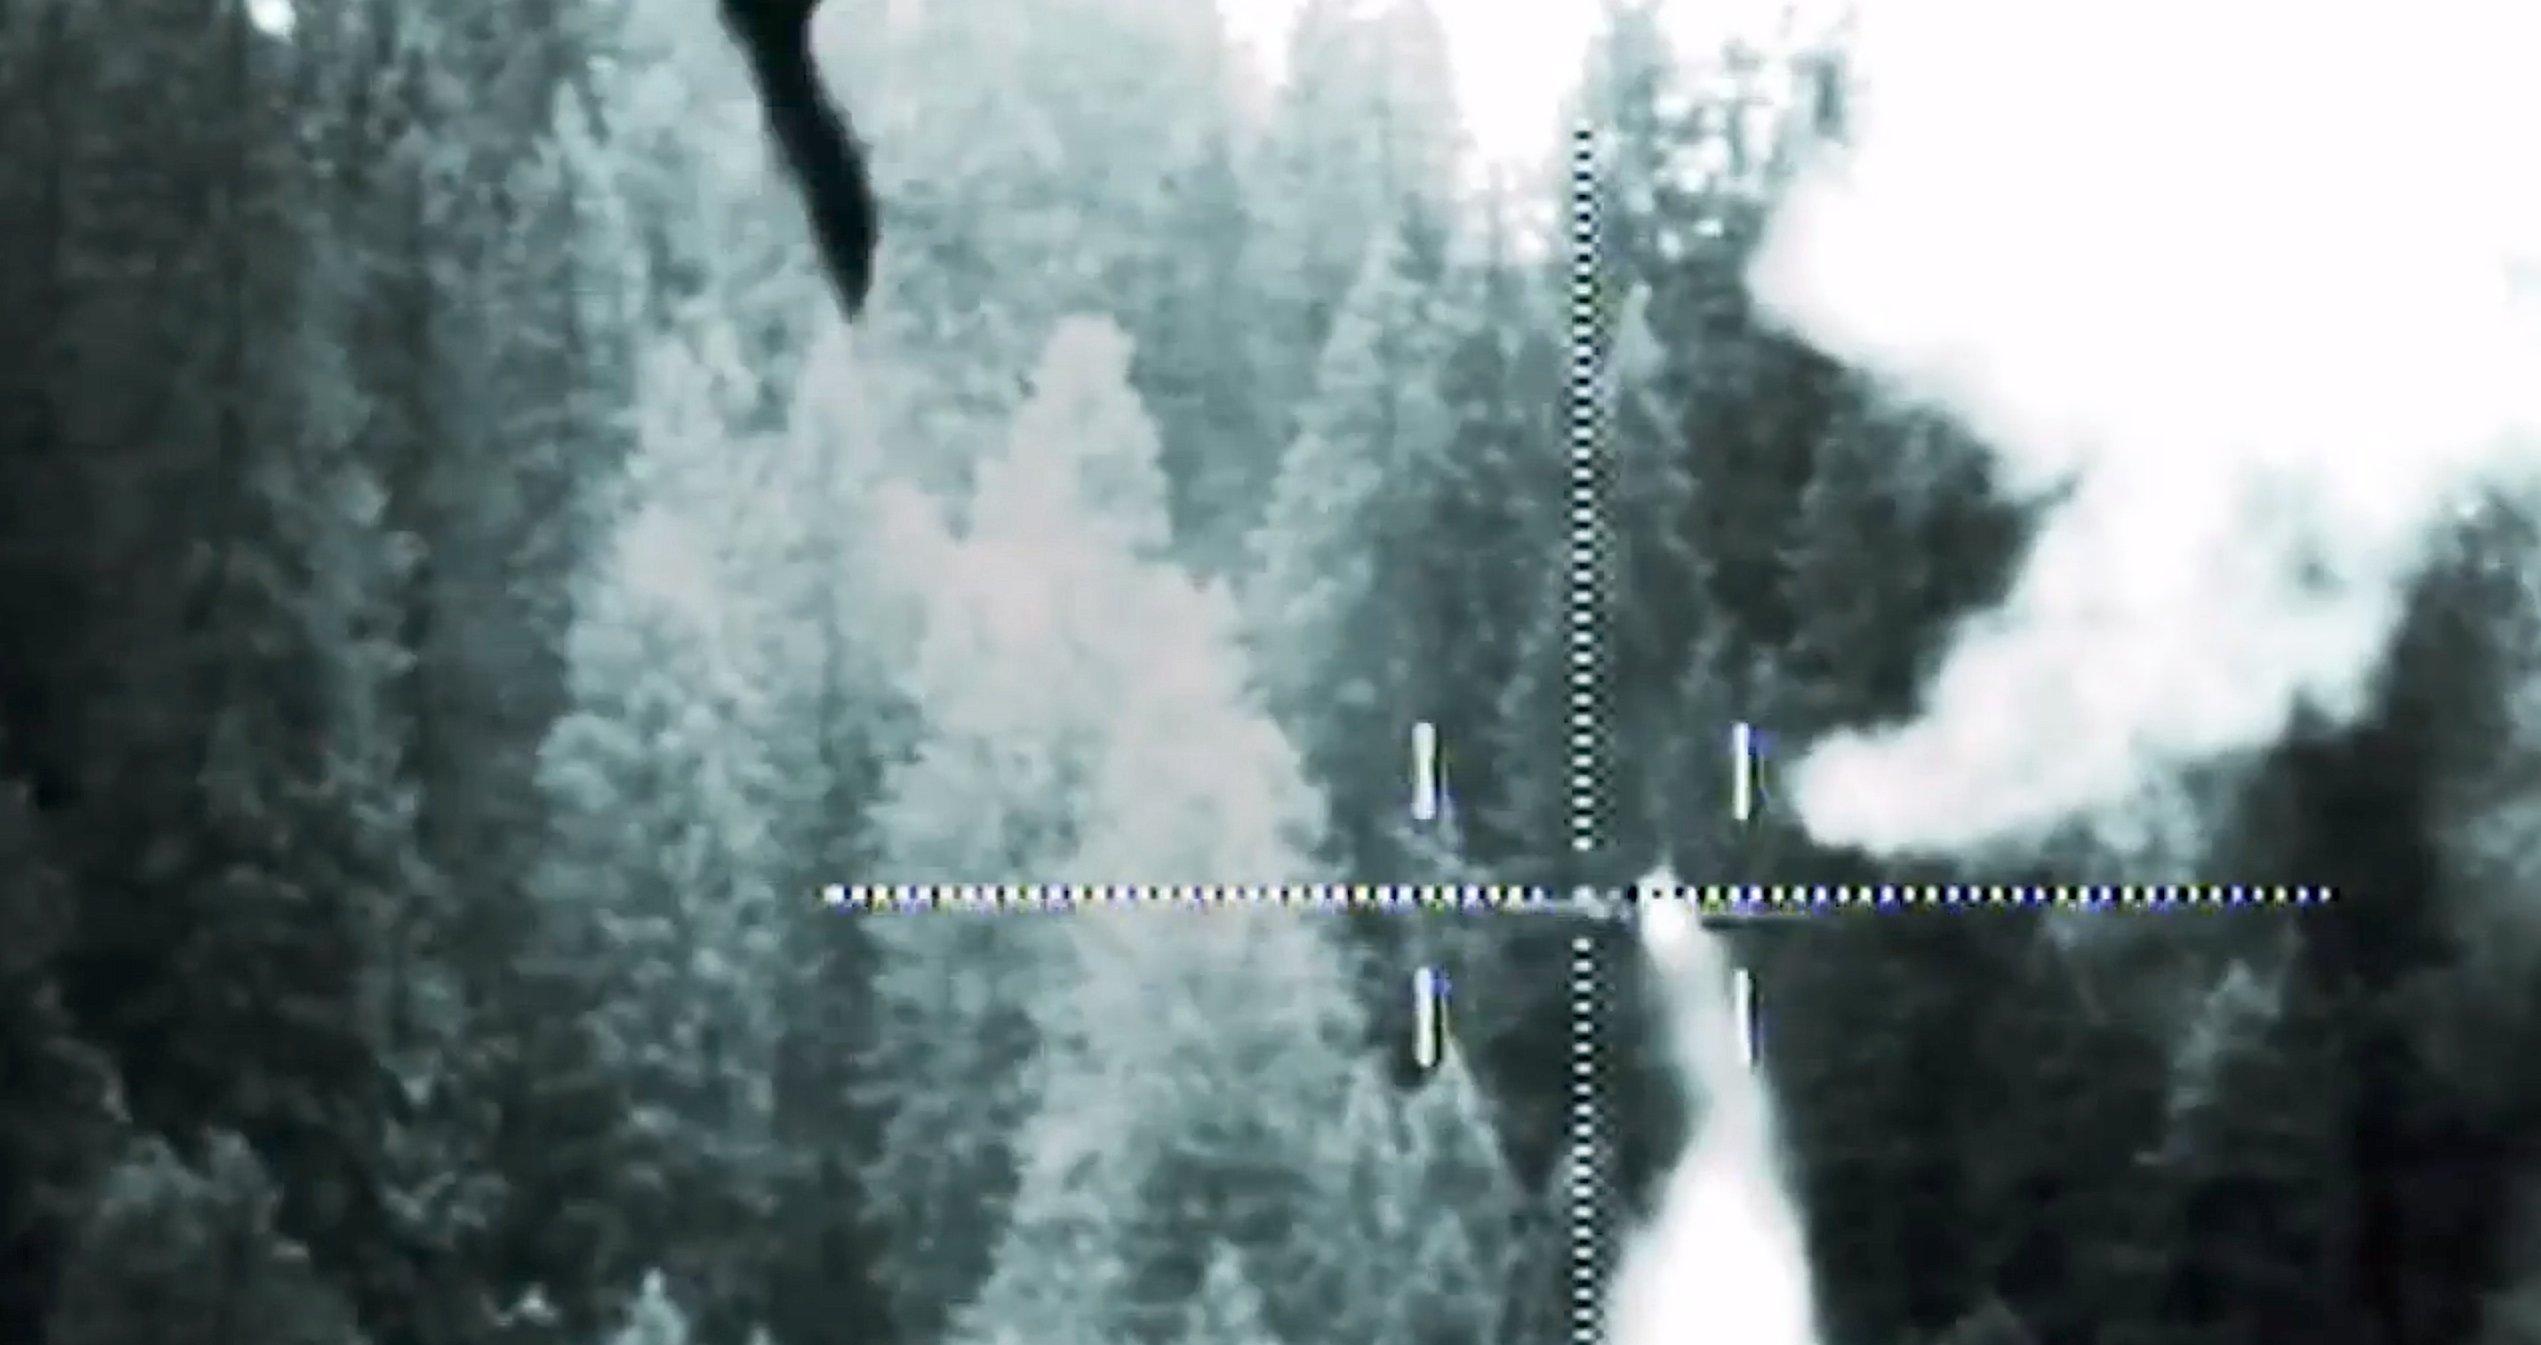 Abschuss eines Flugzeuges mit einem Hochenergielaser von Rheinmetall in den Schweizer Bergen. Das getroffene Flugzeuge ist rechts im Bild zu sehen. Zwei Rauchwolken sind deutlich zu sehen.